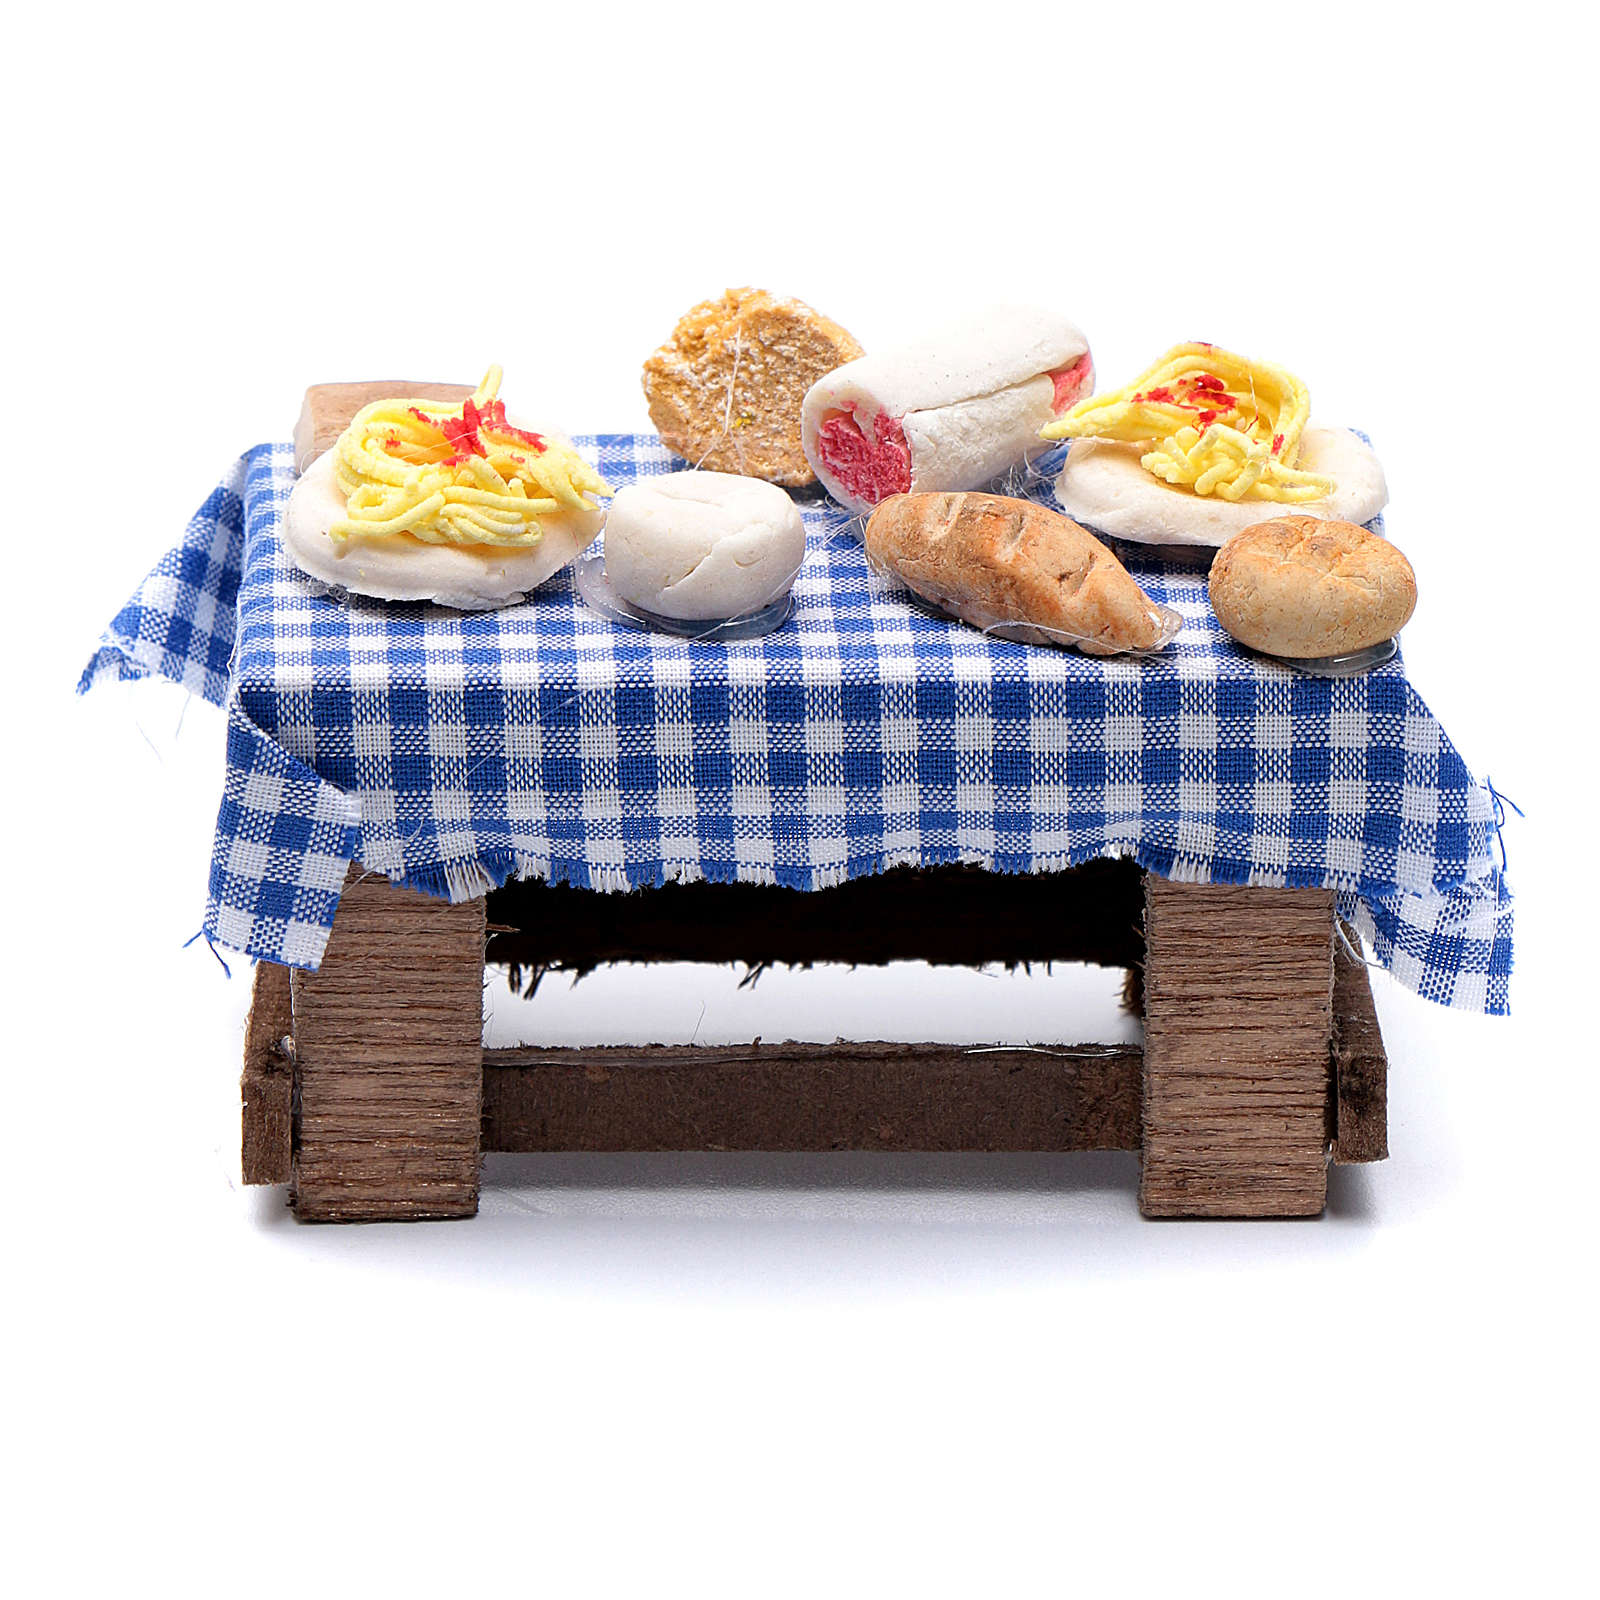 Table avec formes de nourriture crèche napolitaine 6x8,4x4,2 cm 4